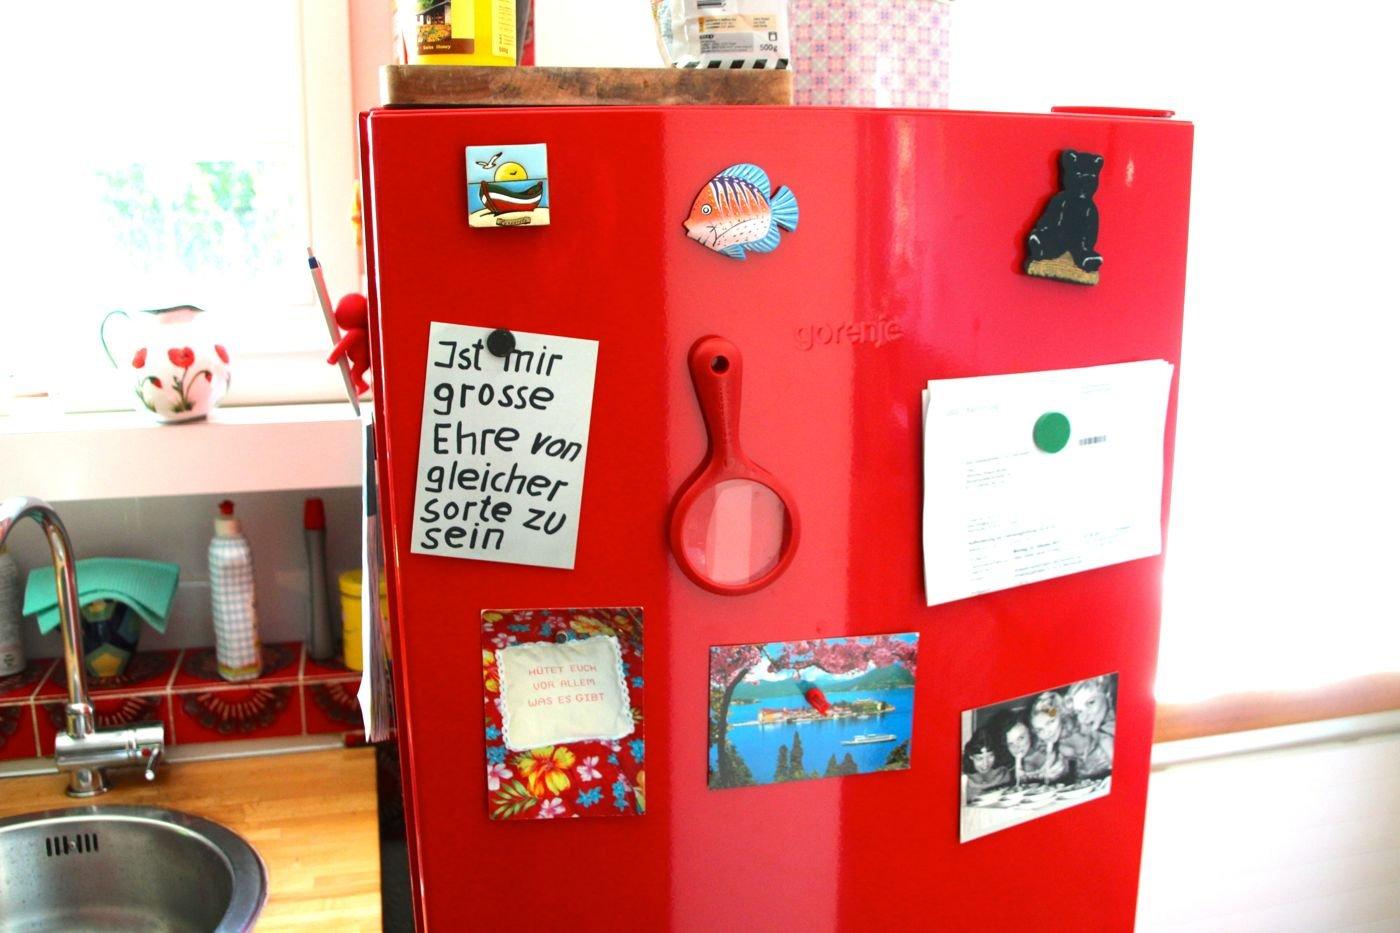 Der rote Kühlschrank der Familie Straub. Daran eine Karte mit Spruch des Luzerner Stadtoriginals Emil Manser.